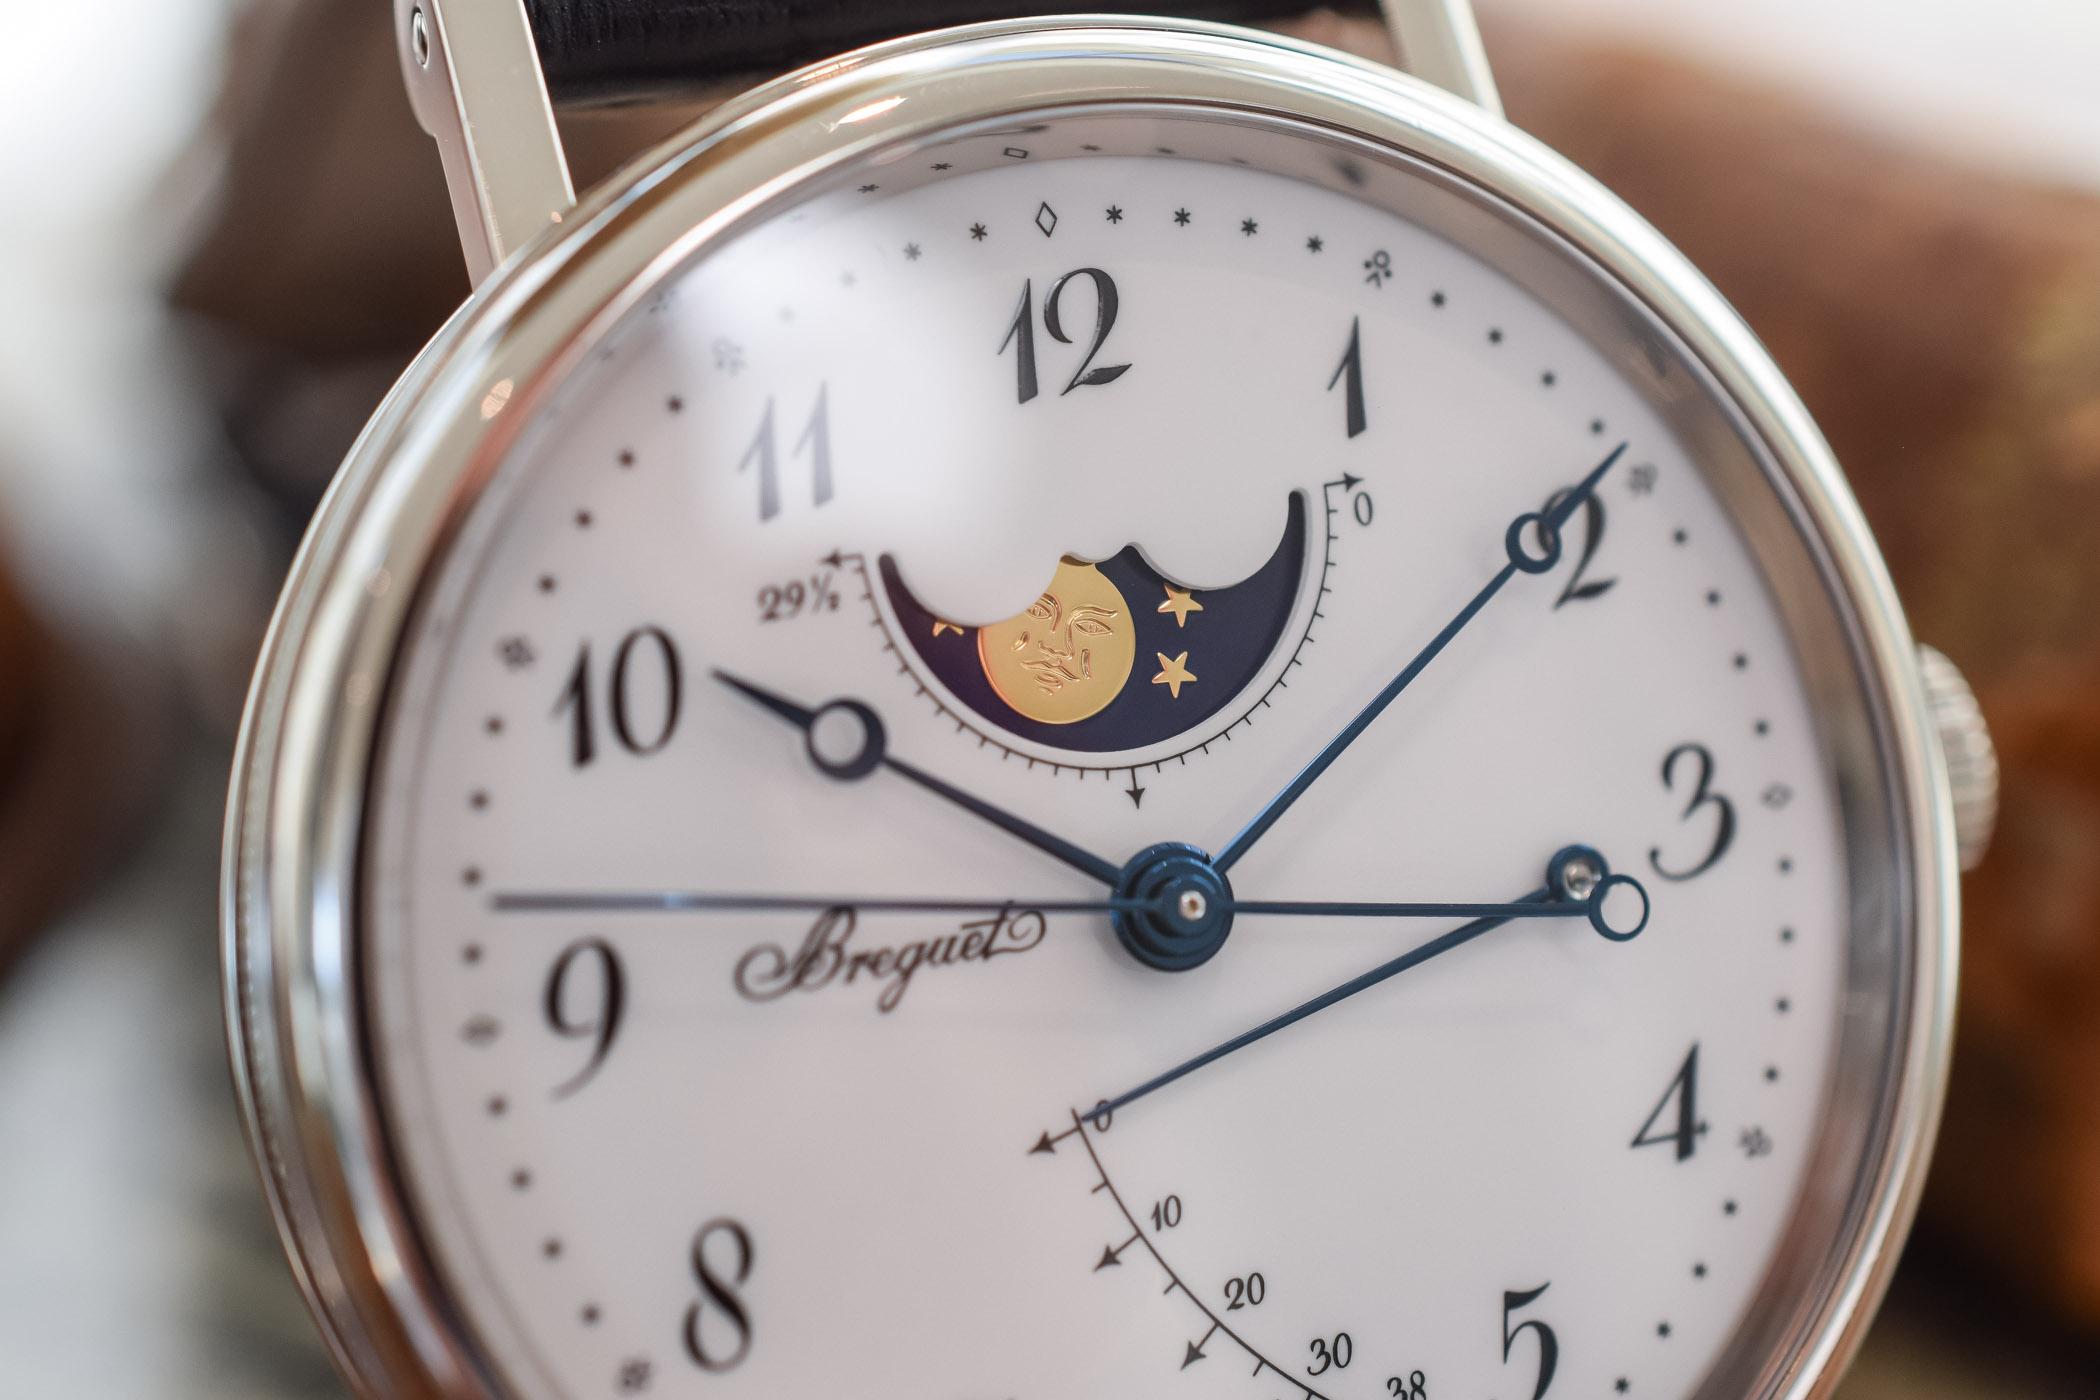 Breguet Classique 7787 MoonPhase Grand Feu Enamel Dial - 7787BB:29:9V6 - review - 9